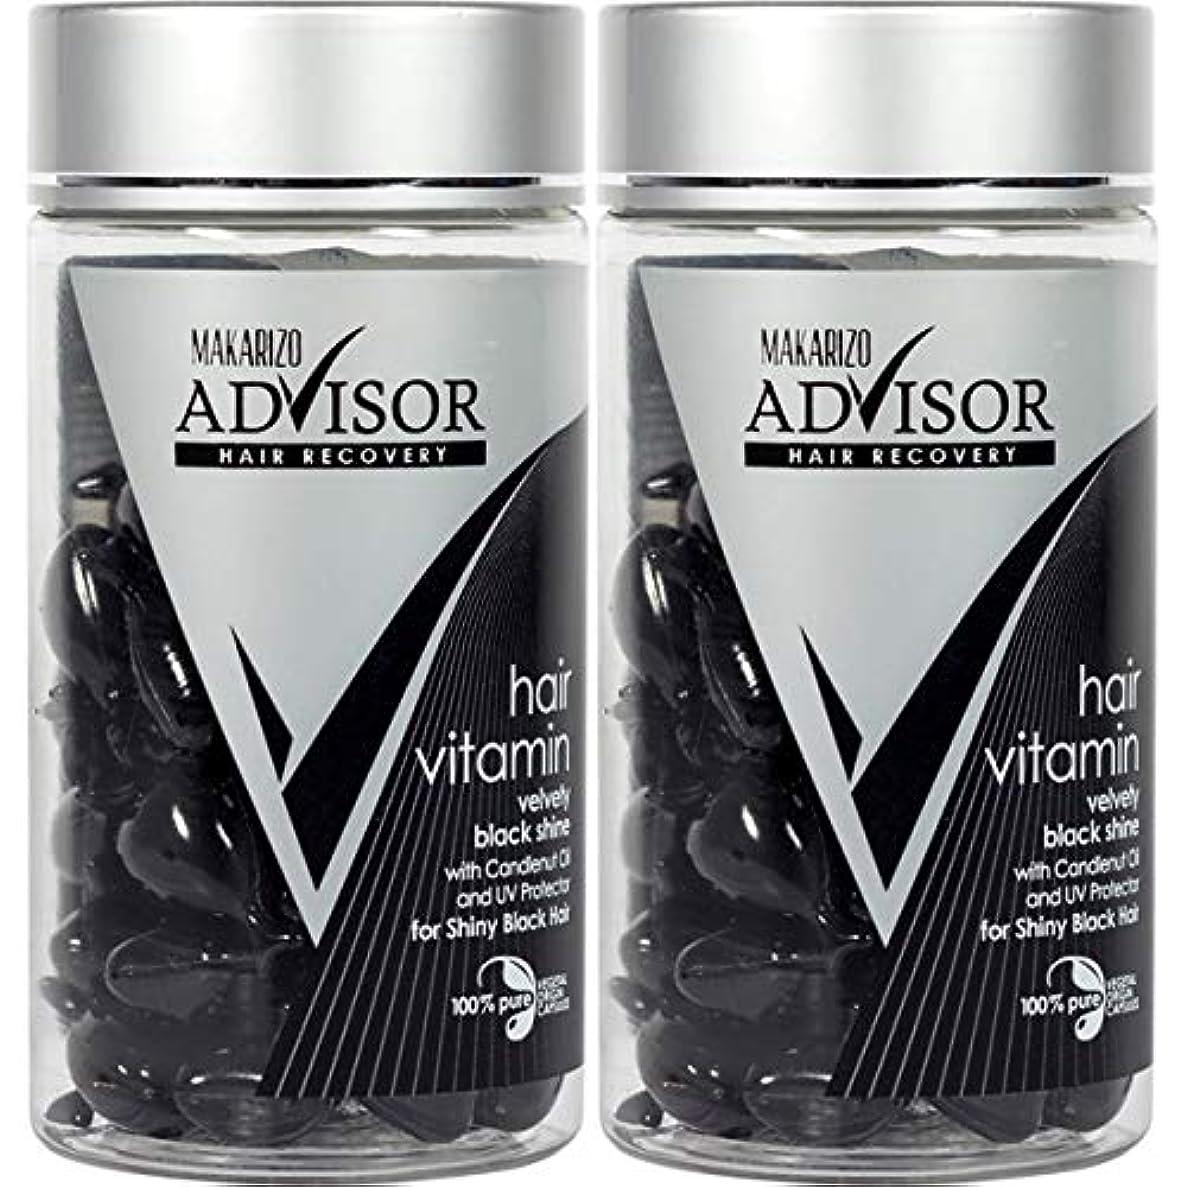 無声でアルミニウム性能MAKARIZO マカリゾ Advisor アドバイザー Hair Vitamin ヘアビタミン 50粒入ボトル×2個セット Velvety Black Shine ブラック [海外直送品]